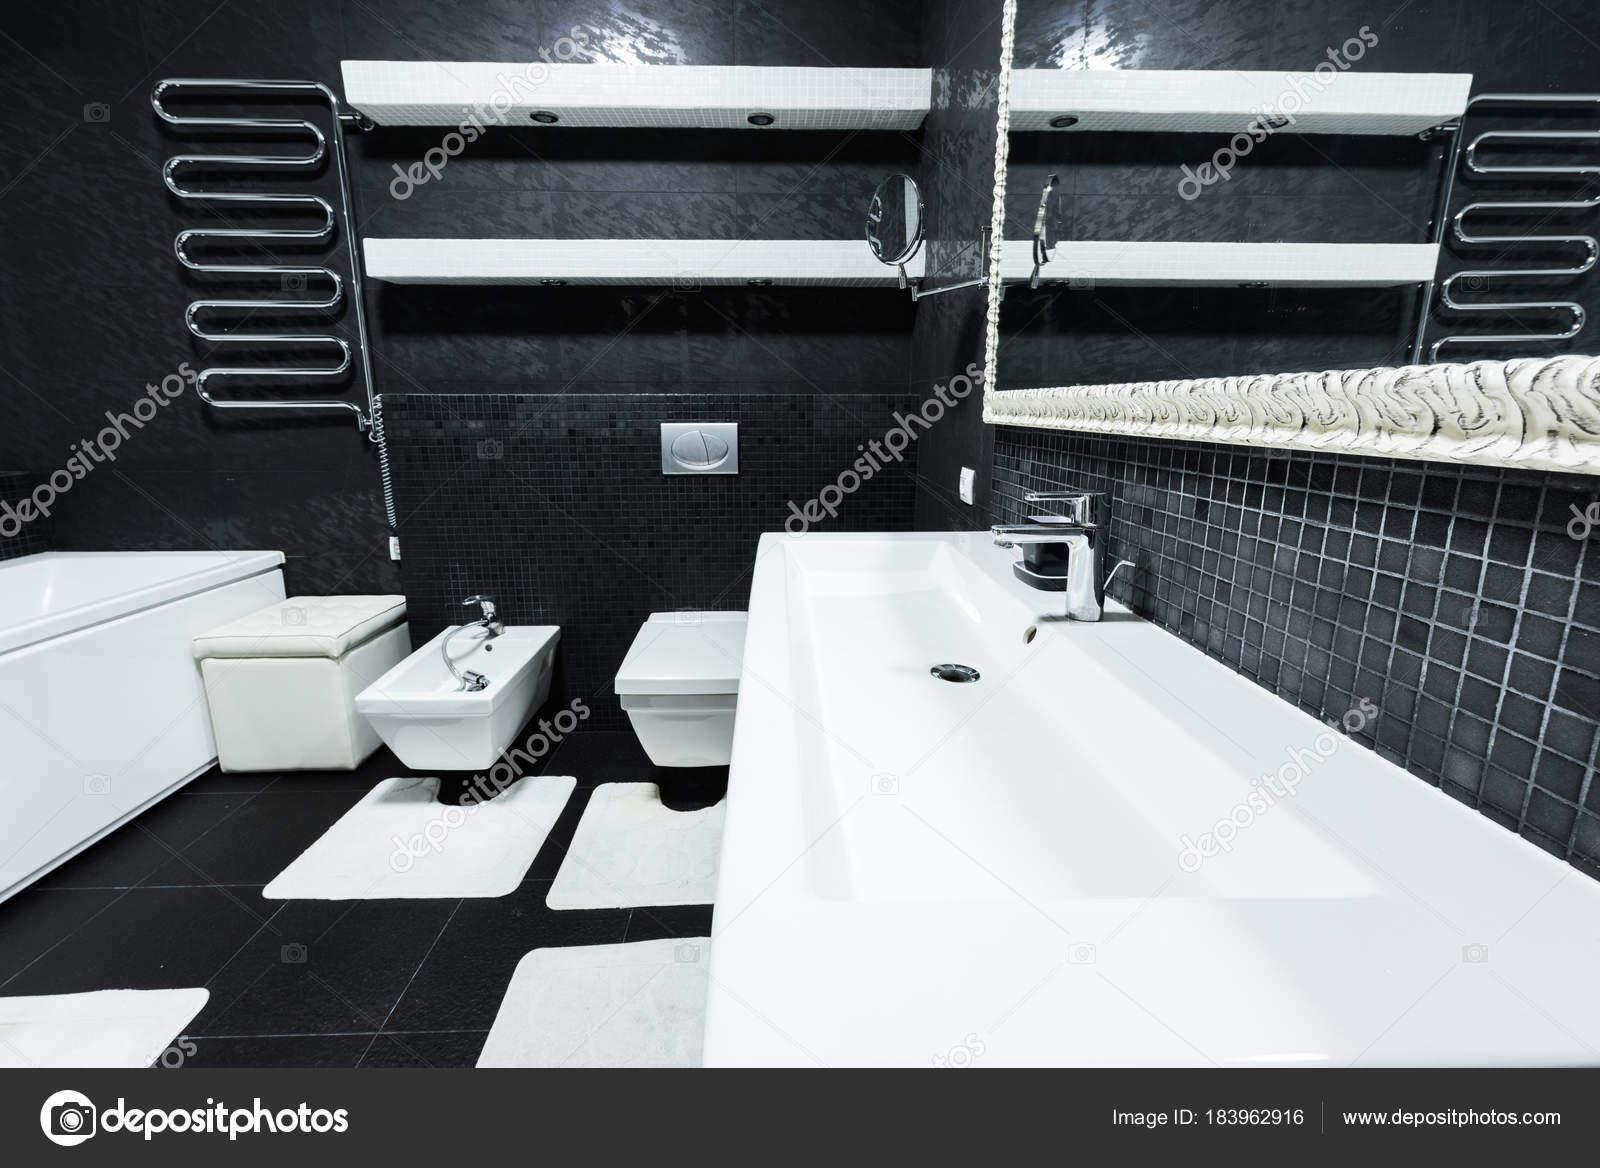 Bagni Moderni Bianchi E Neri.Vista Del Bagno Moderno Nei Colori Bianchi Neri Foto Stock C Y